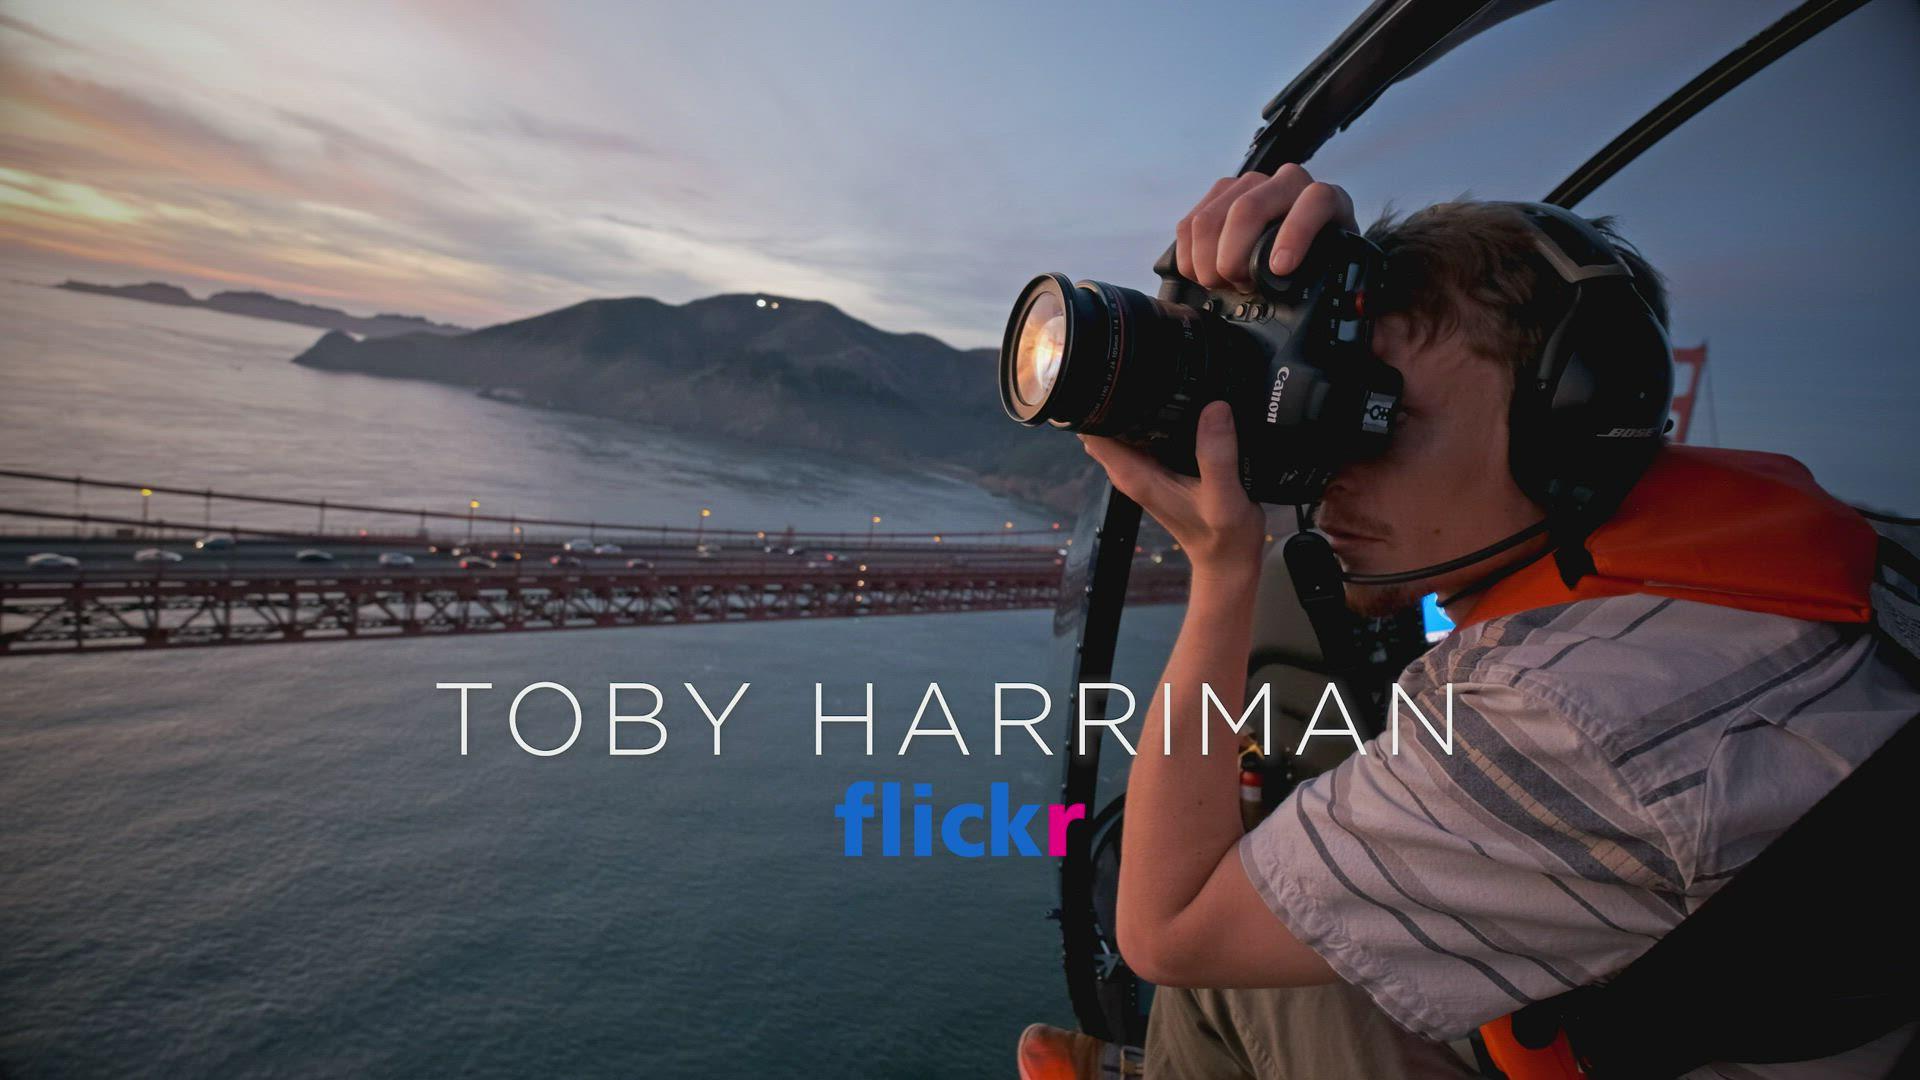 Flickr Feature: Toby Harriman